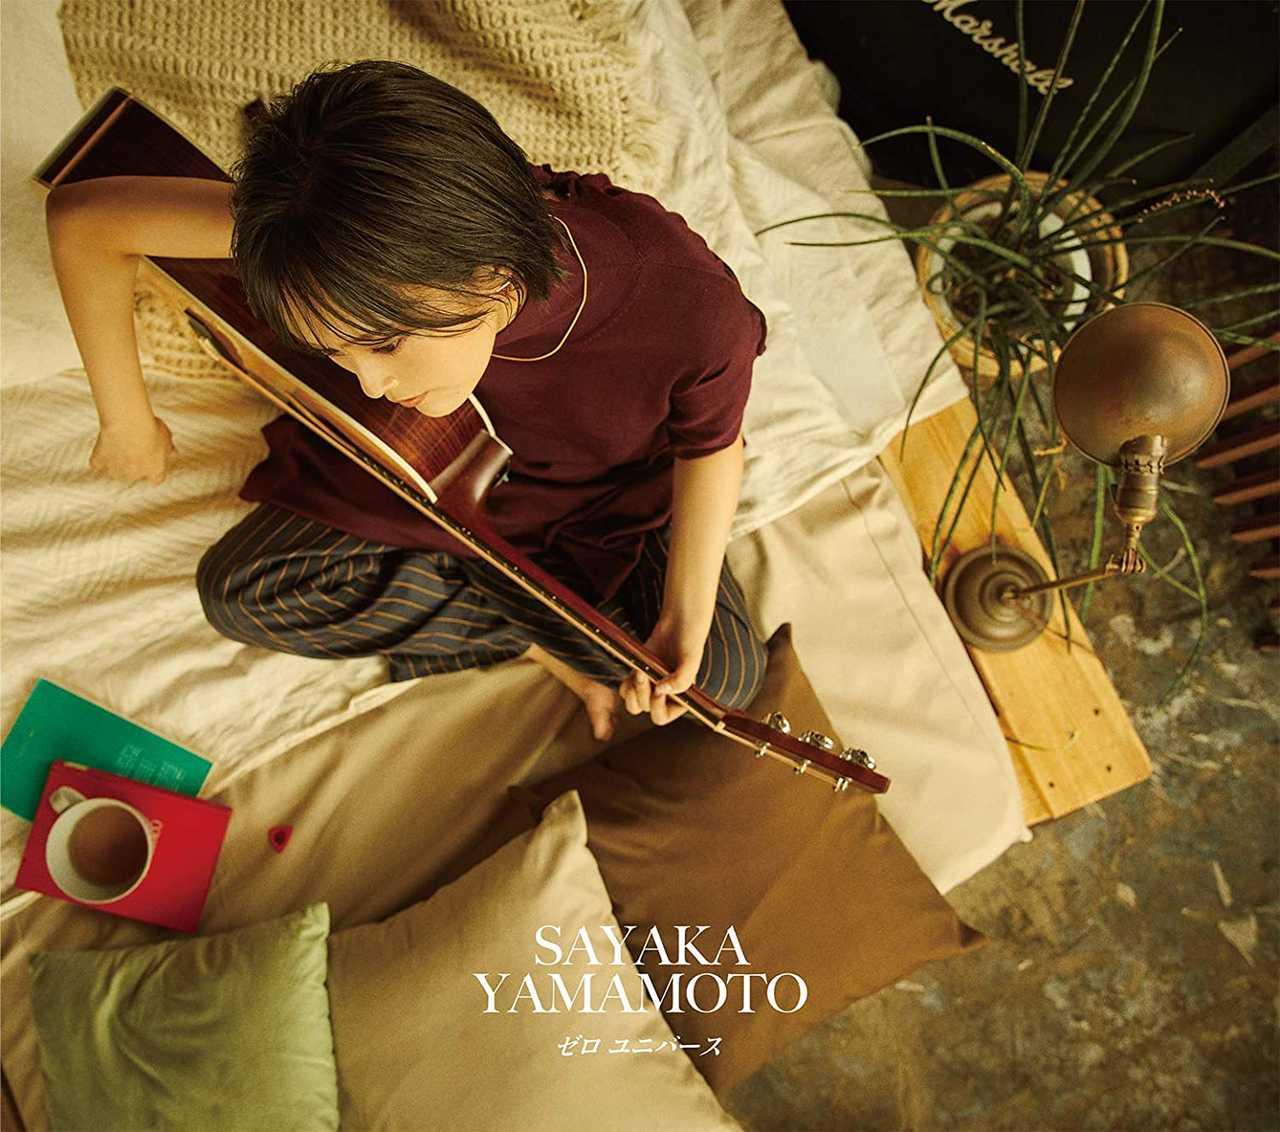 山本彩「愛なんていらない」の歌詞に描かれているのは等身大の女性の思い